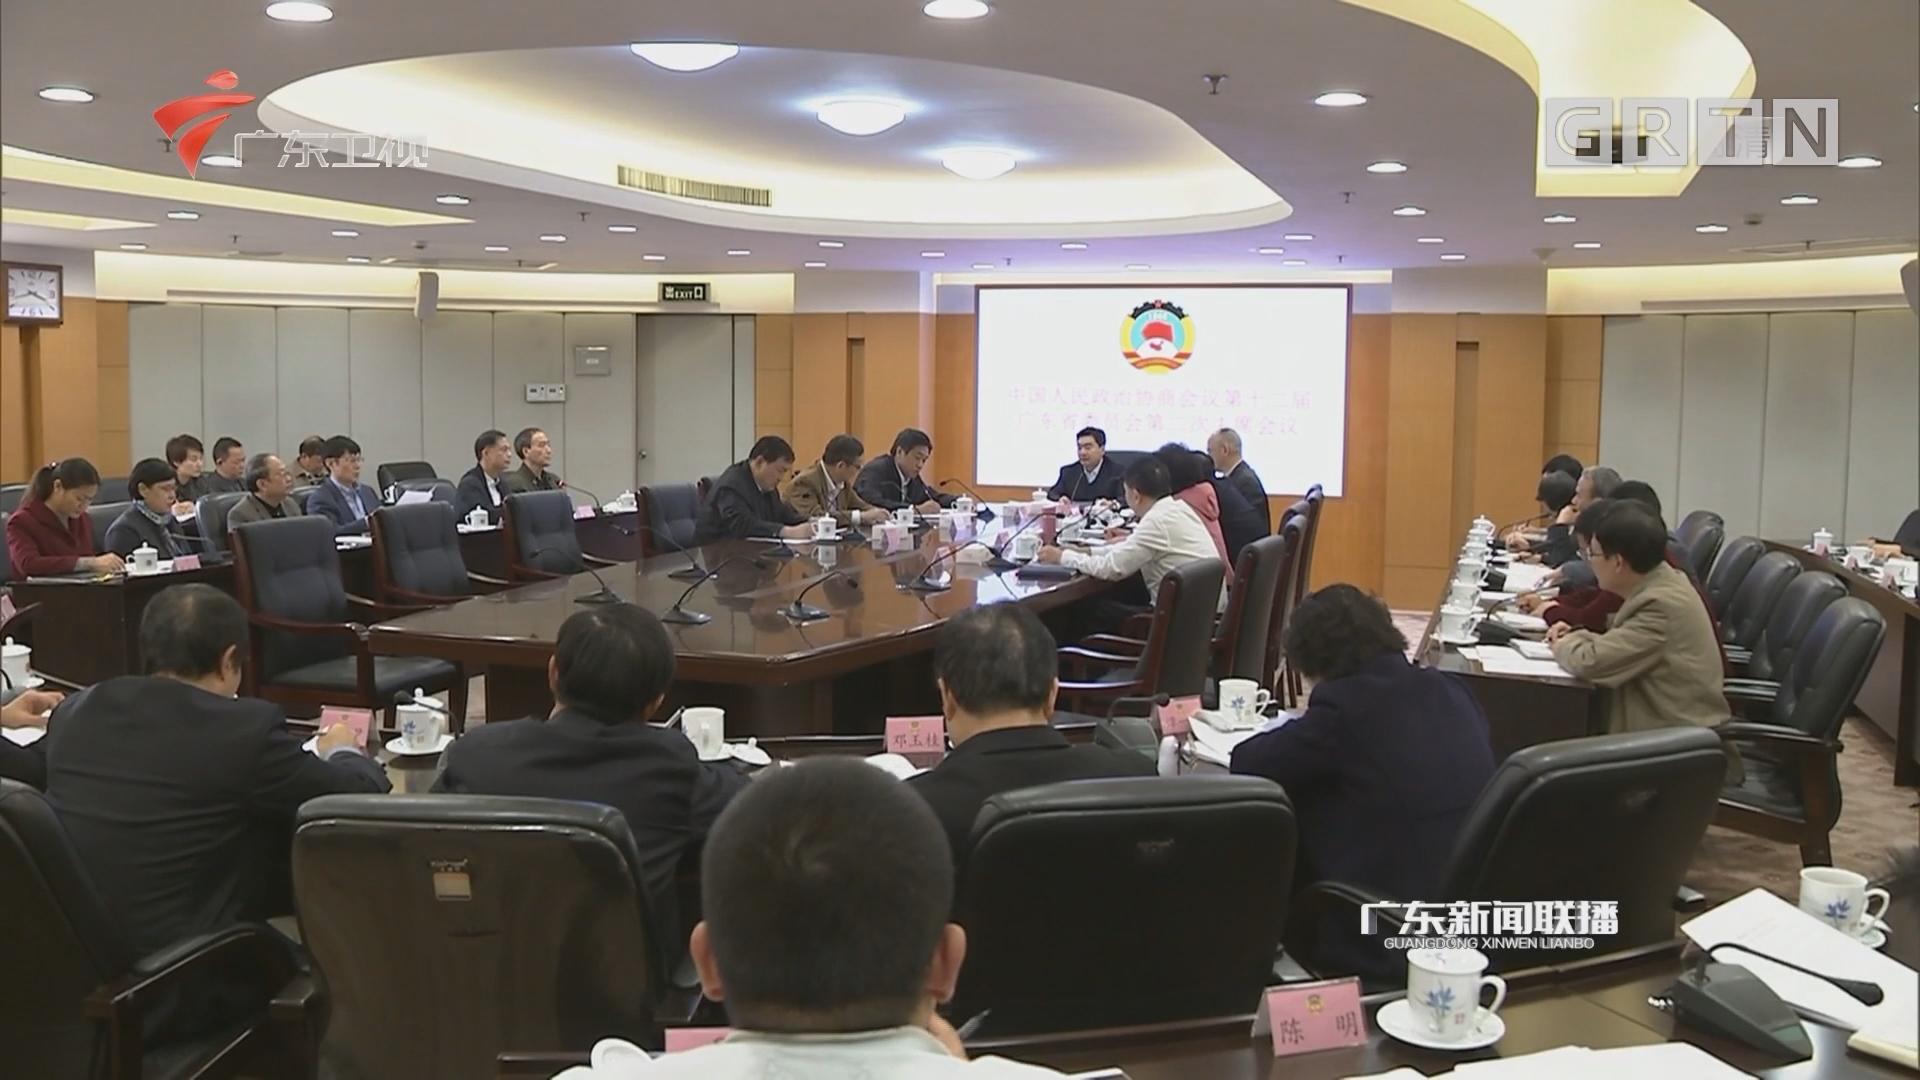 十二届省政协第二次主席会议召开 坚决全面彻底肃清李嘉万庆良流毒影响